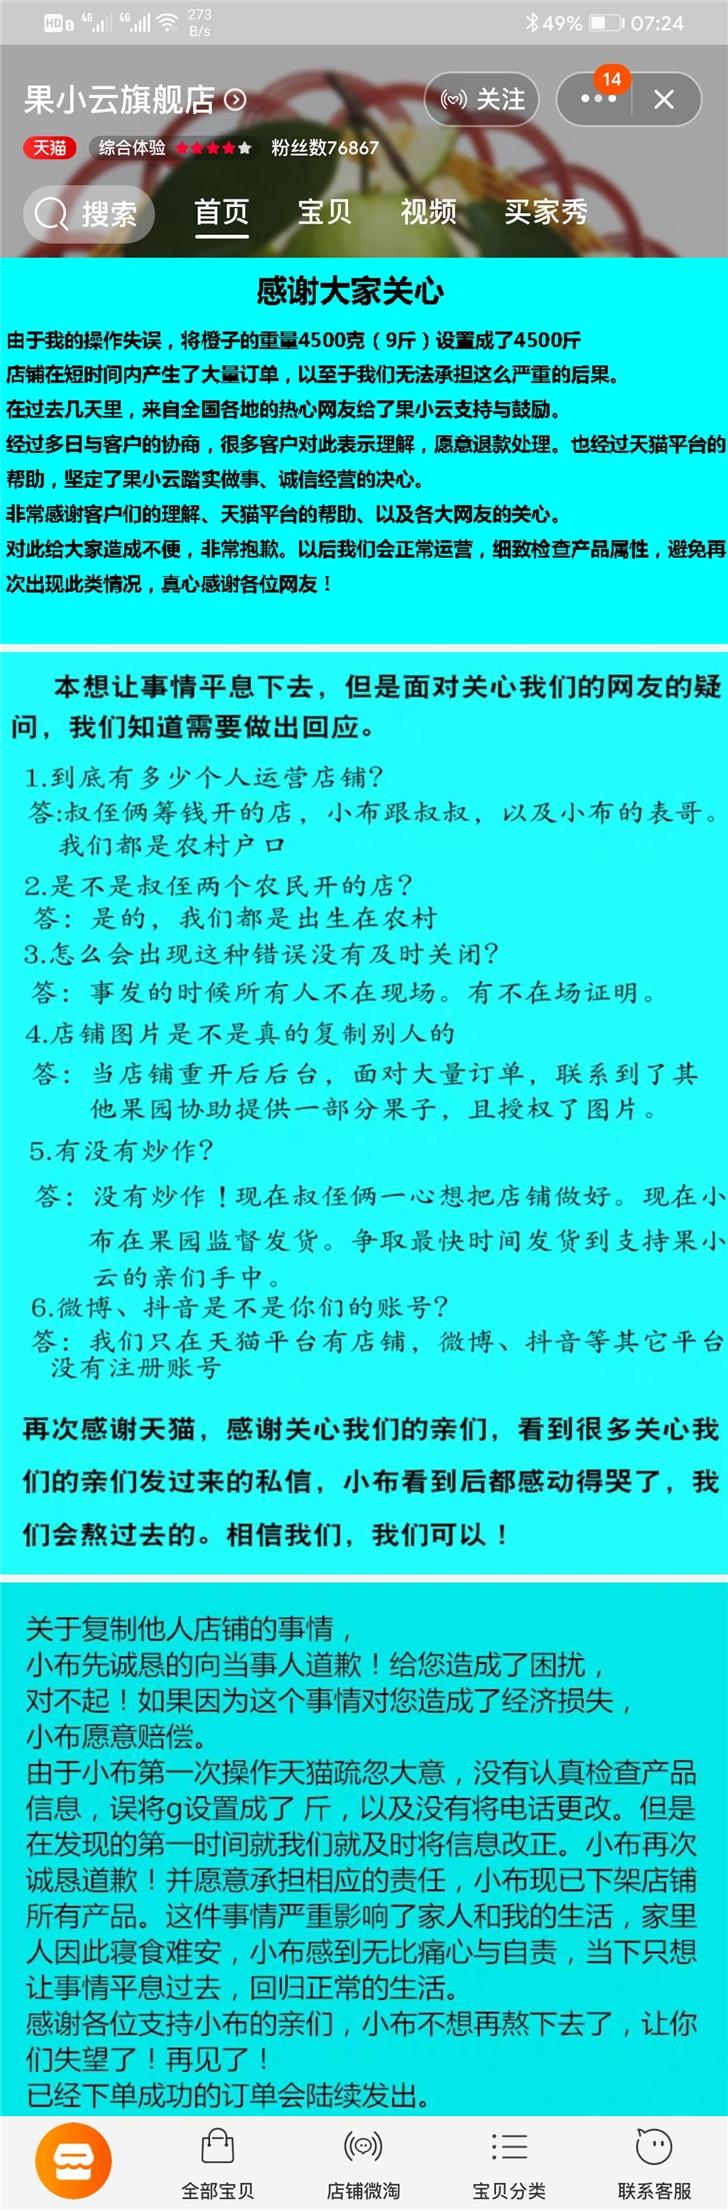 果小云网店被指抄袭后道歉并下架所有产品 并愿意承担责任